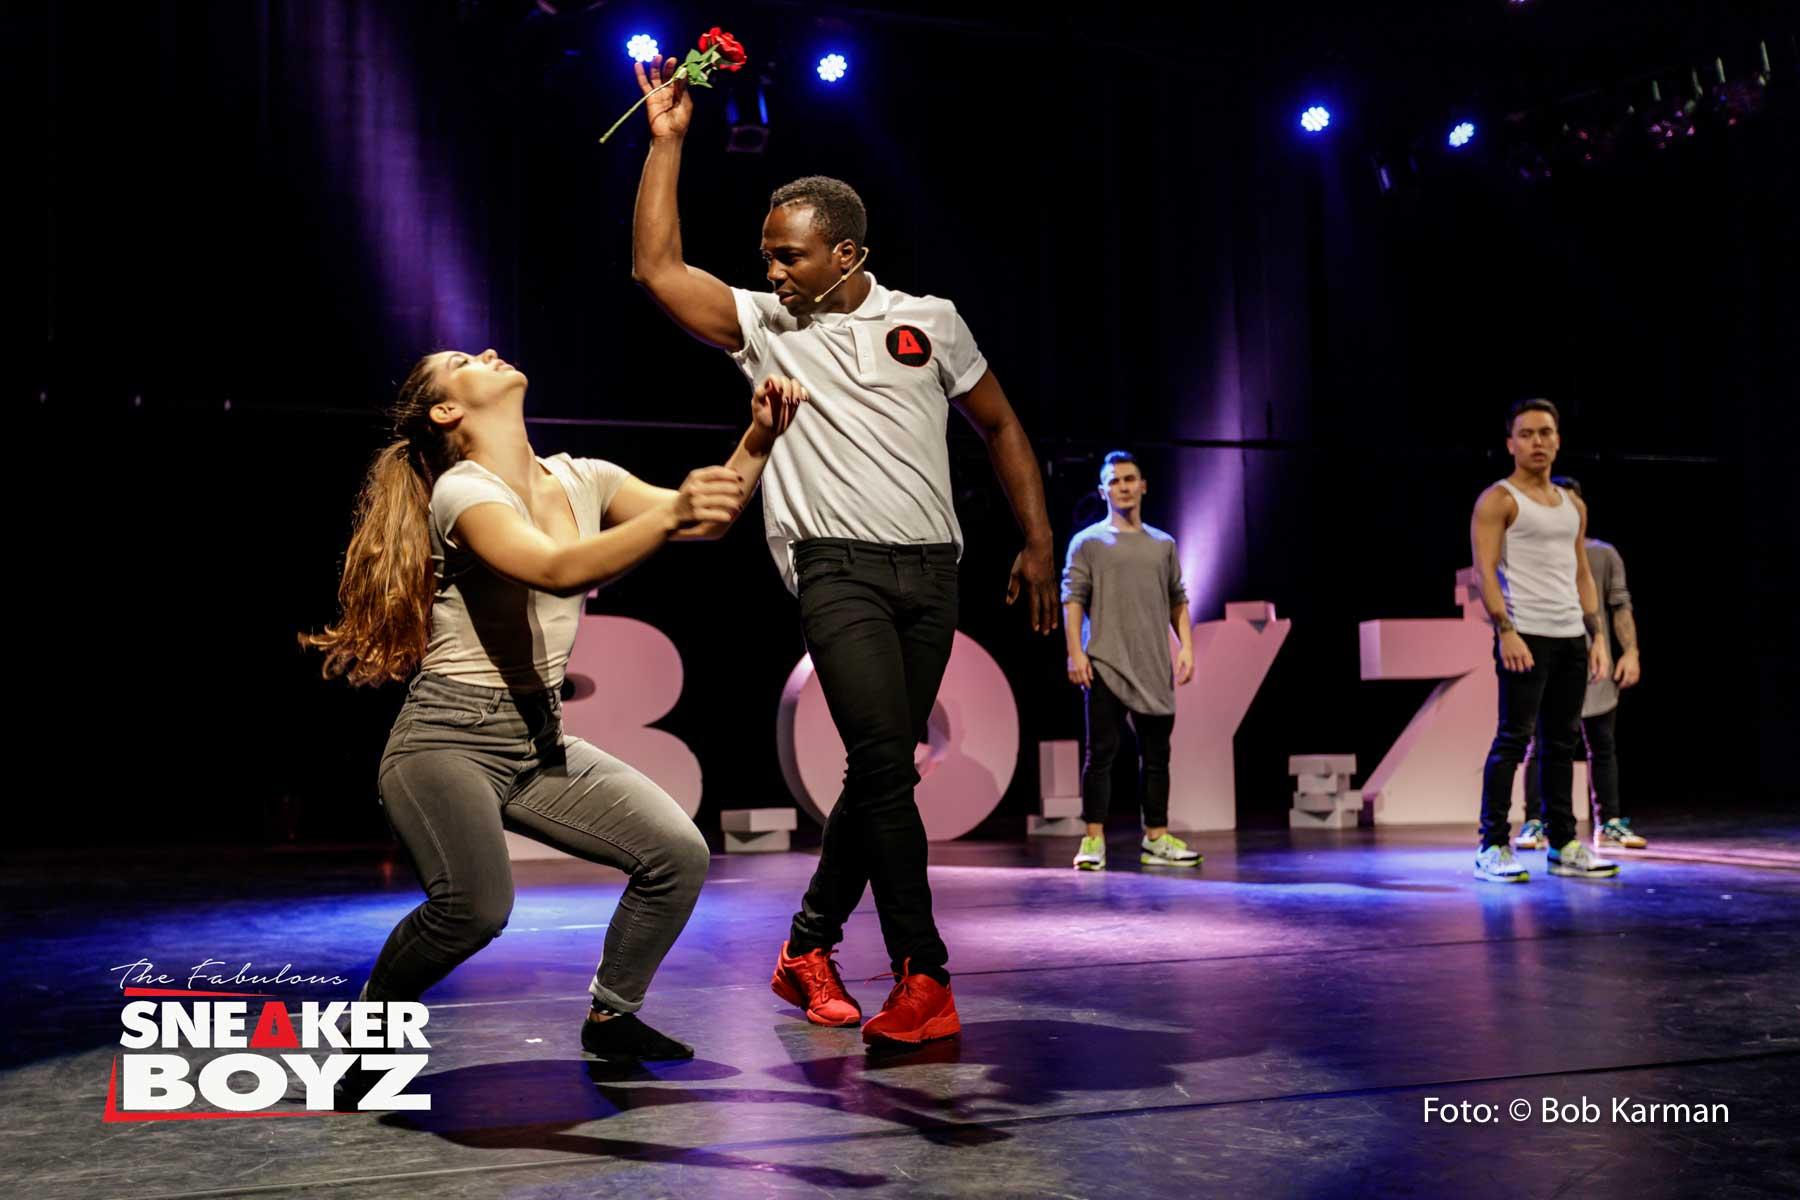 BNK201602-Sneakerboyz-1452